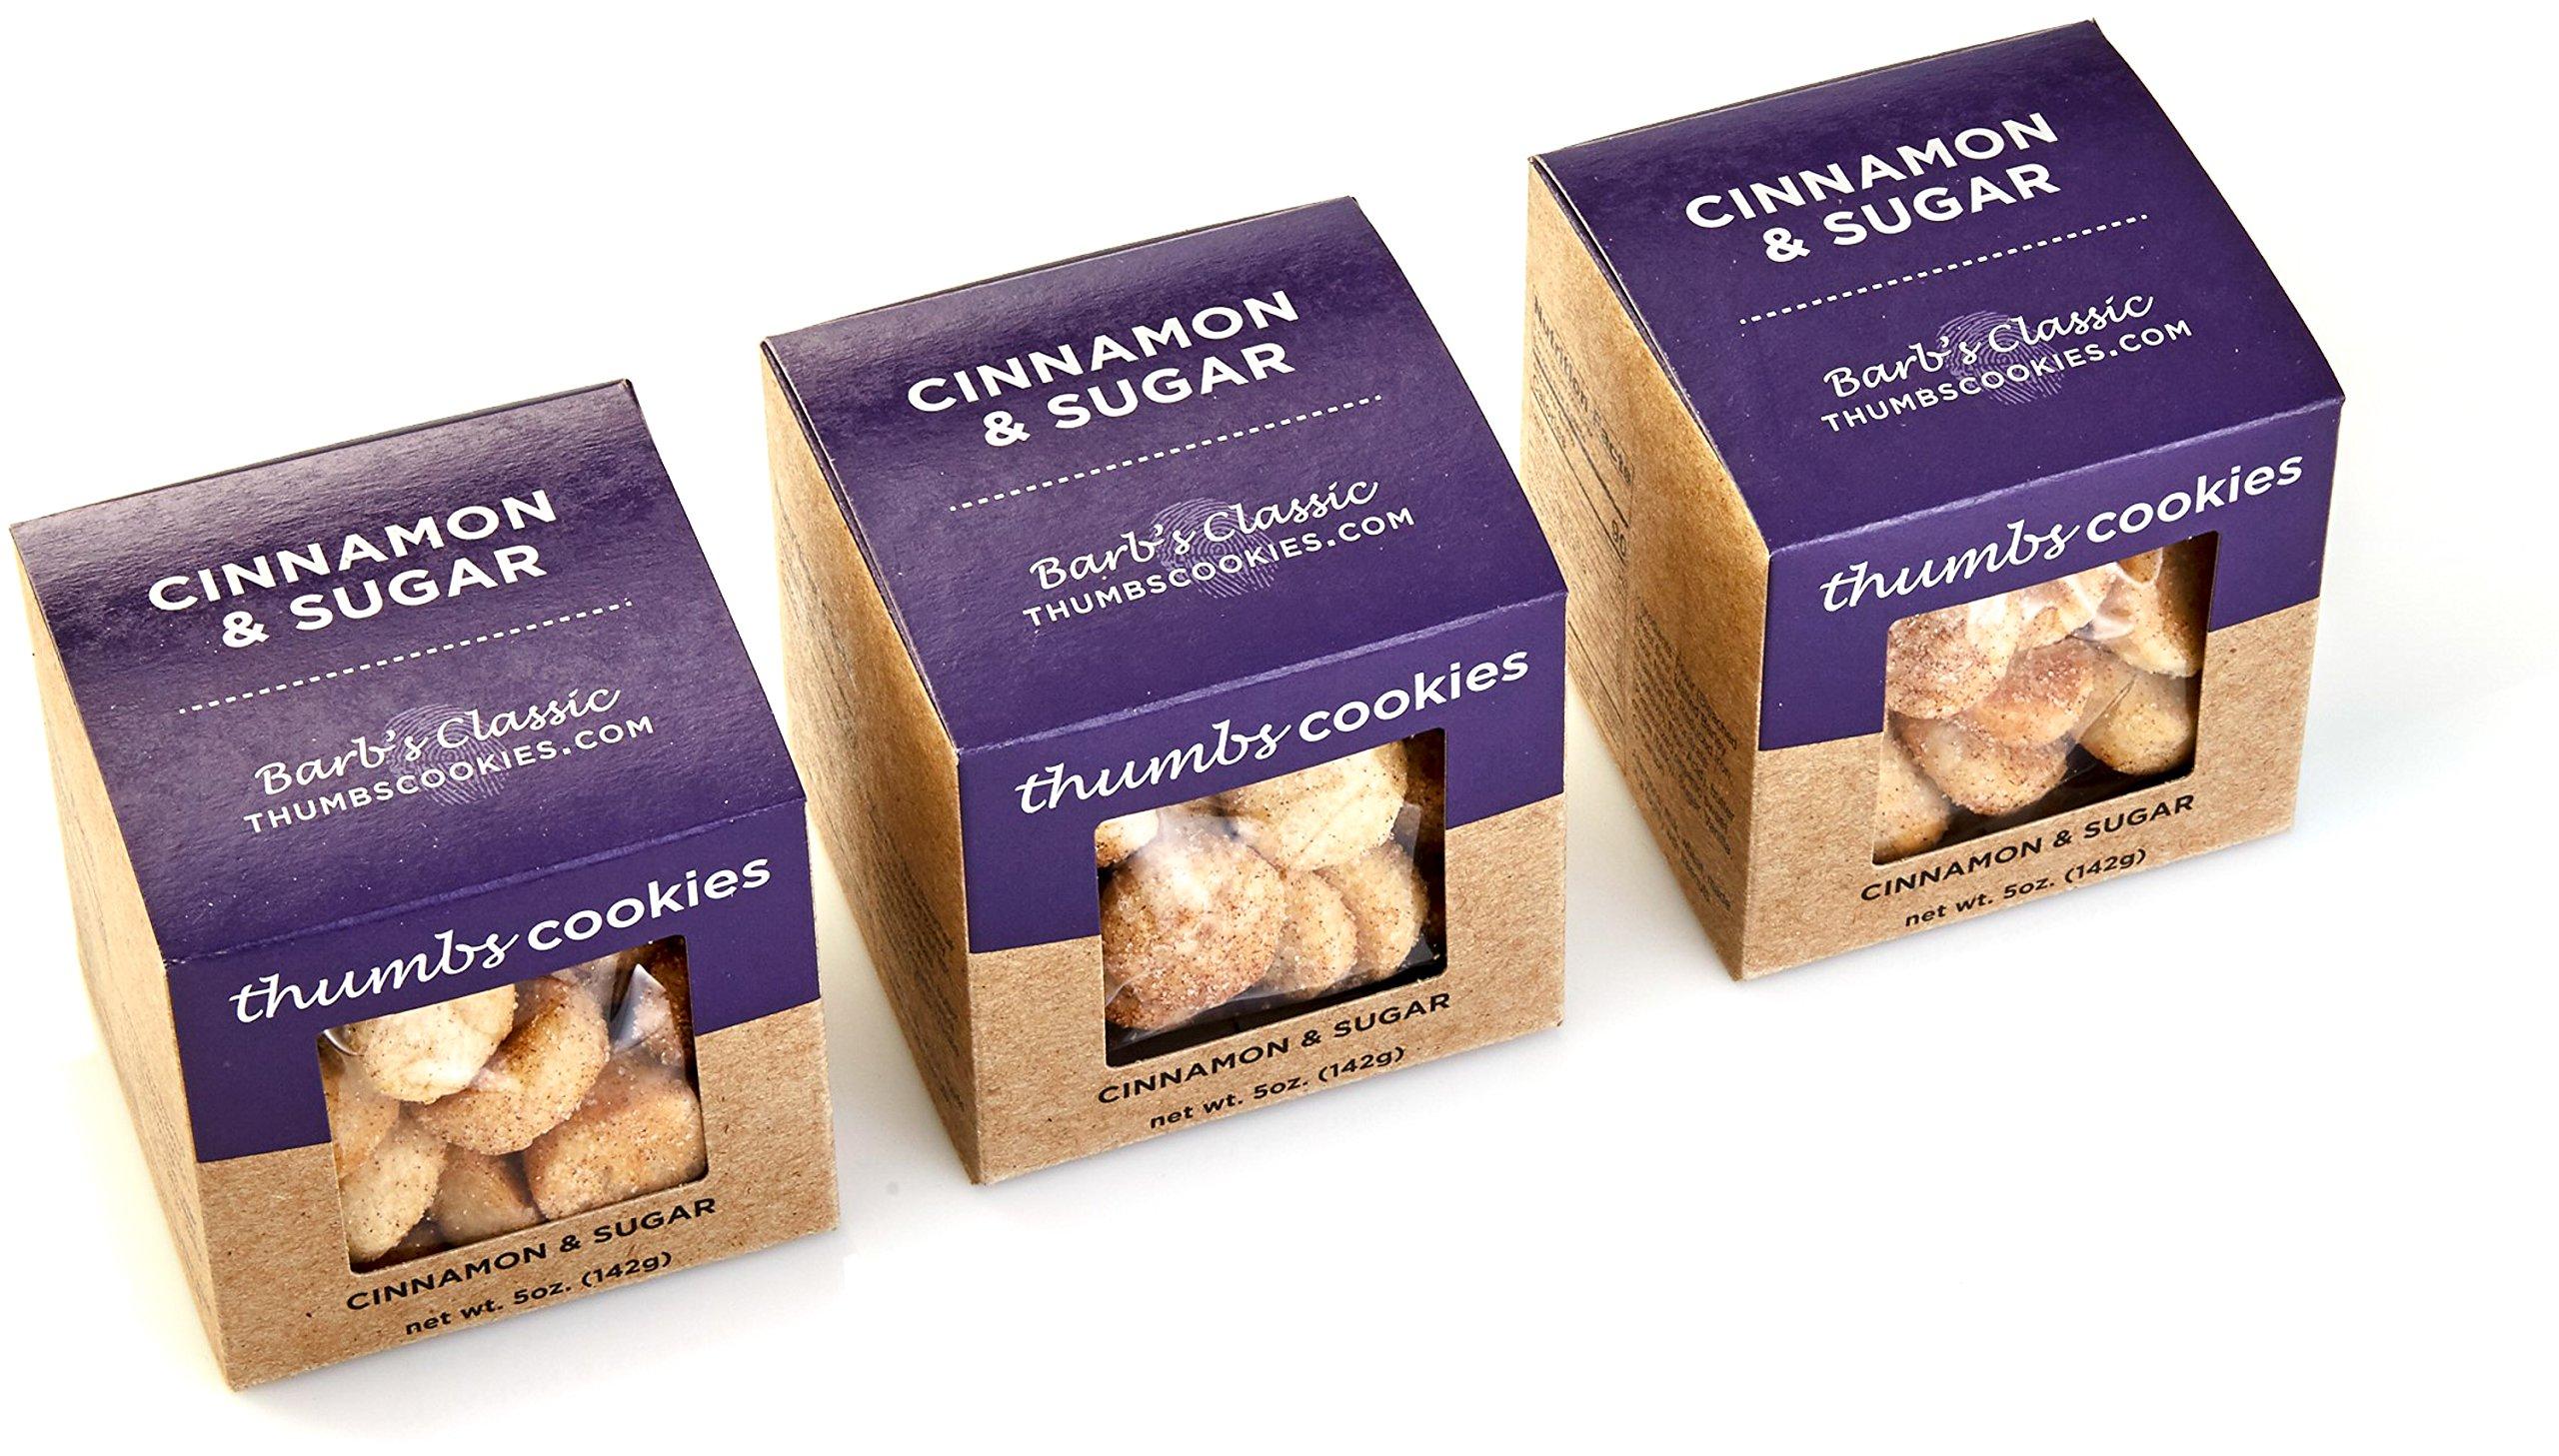 Thumbs Cookies Gourmet Cinnamon Sugar Cookie Pack of Fresh Baked Cookies - 3 Boxes - 1/3 lb. Cookie Gift Box